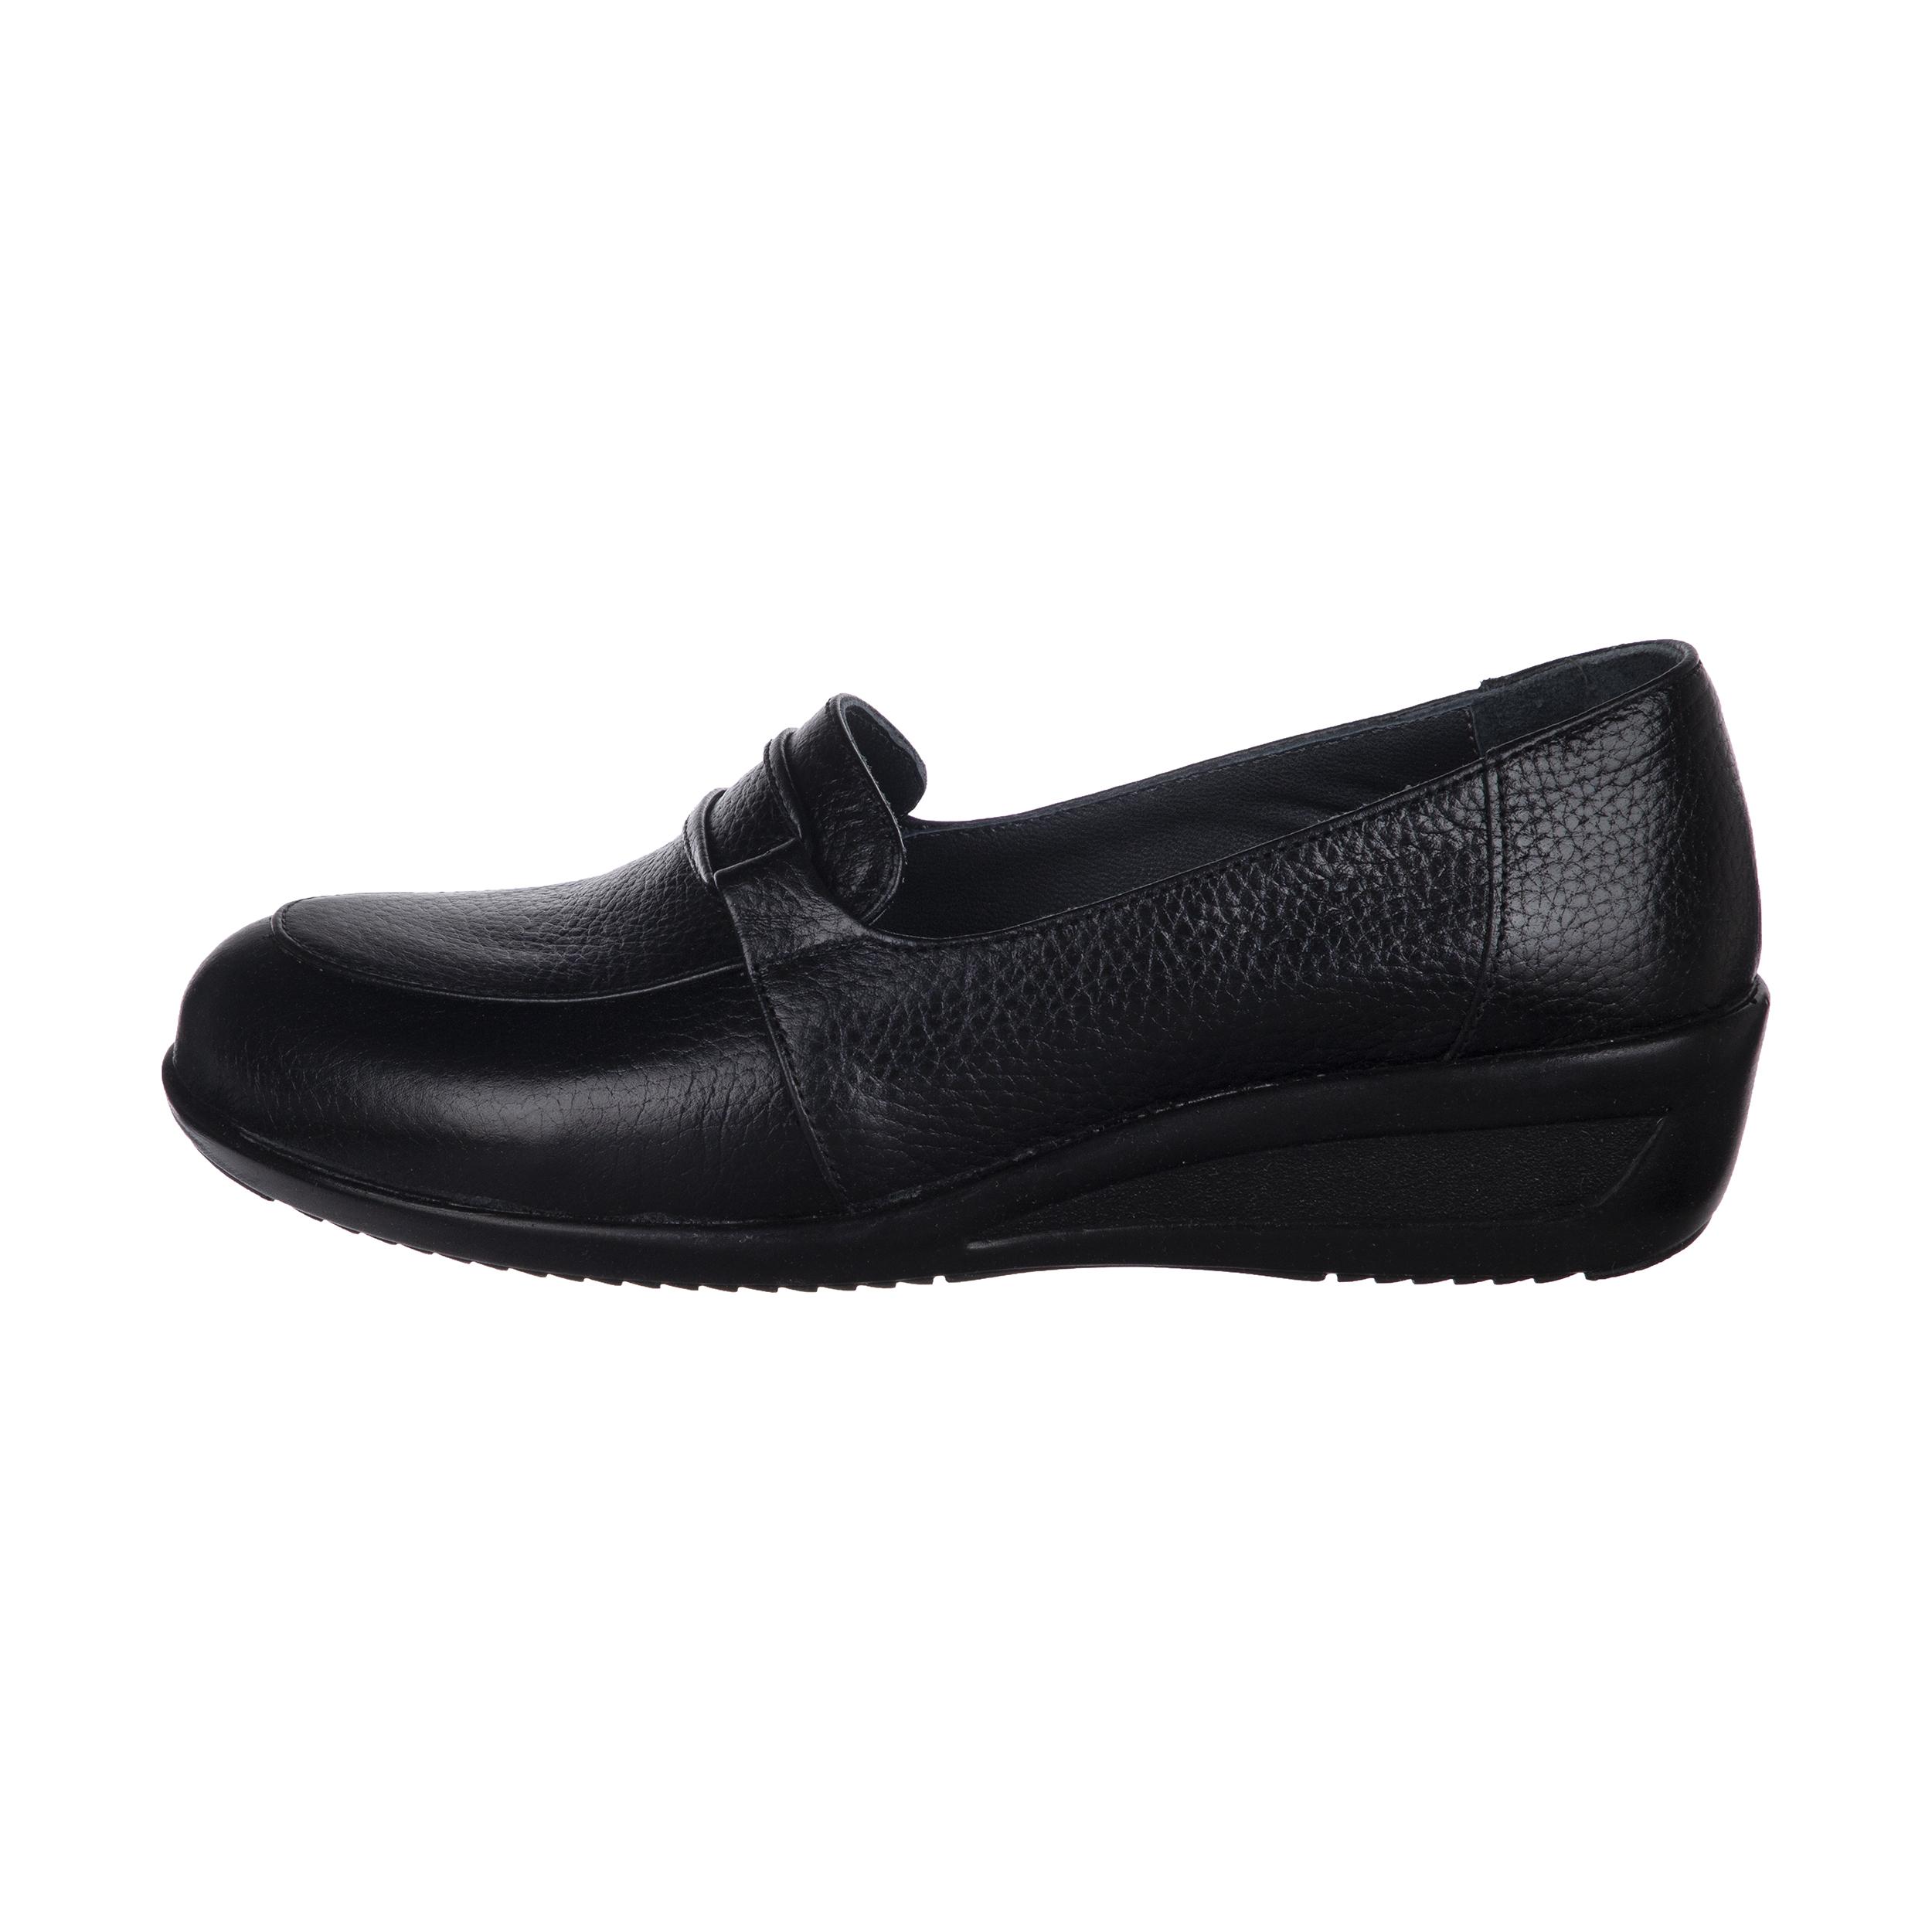 کفش روزمره زنانه آذر پلاس مدل 7501A500101